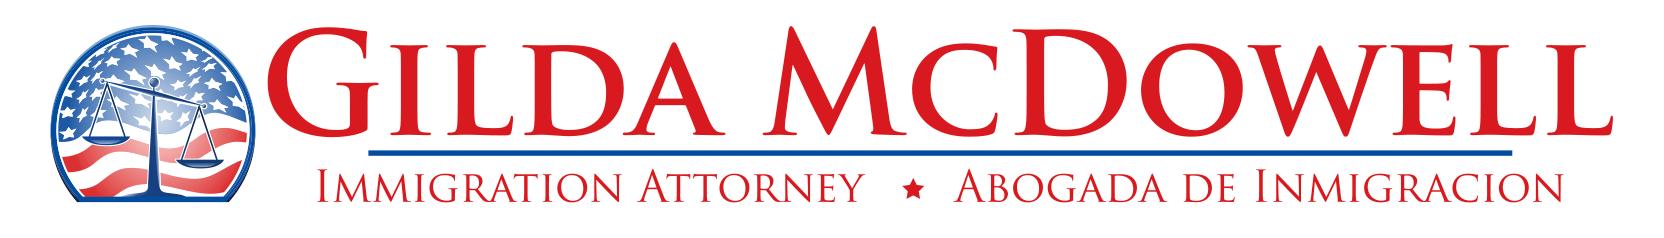 Logotipo de Gilda McDowell